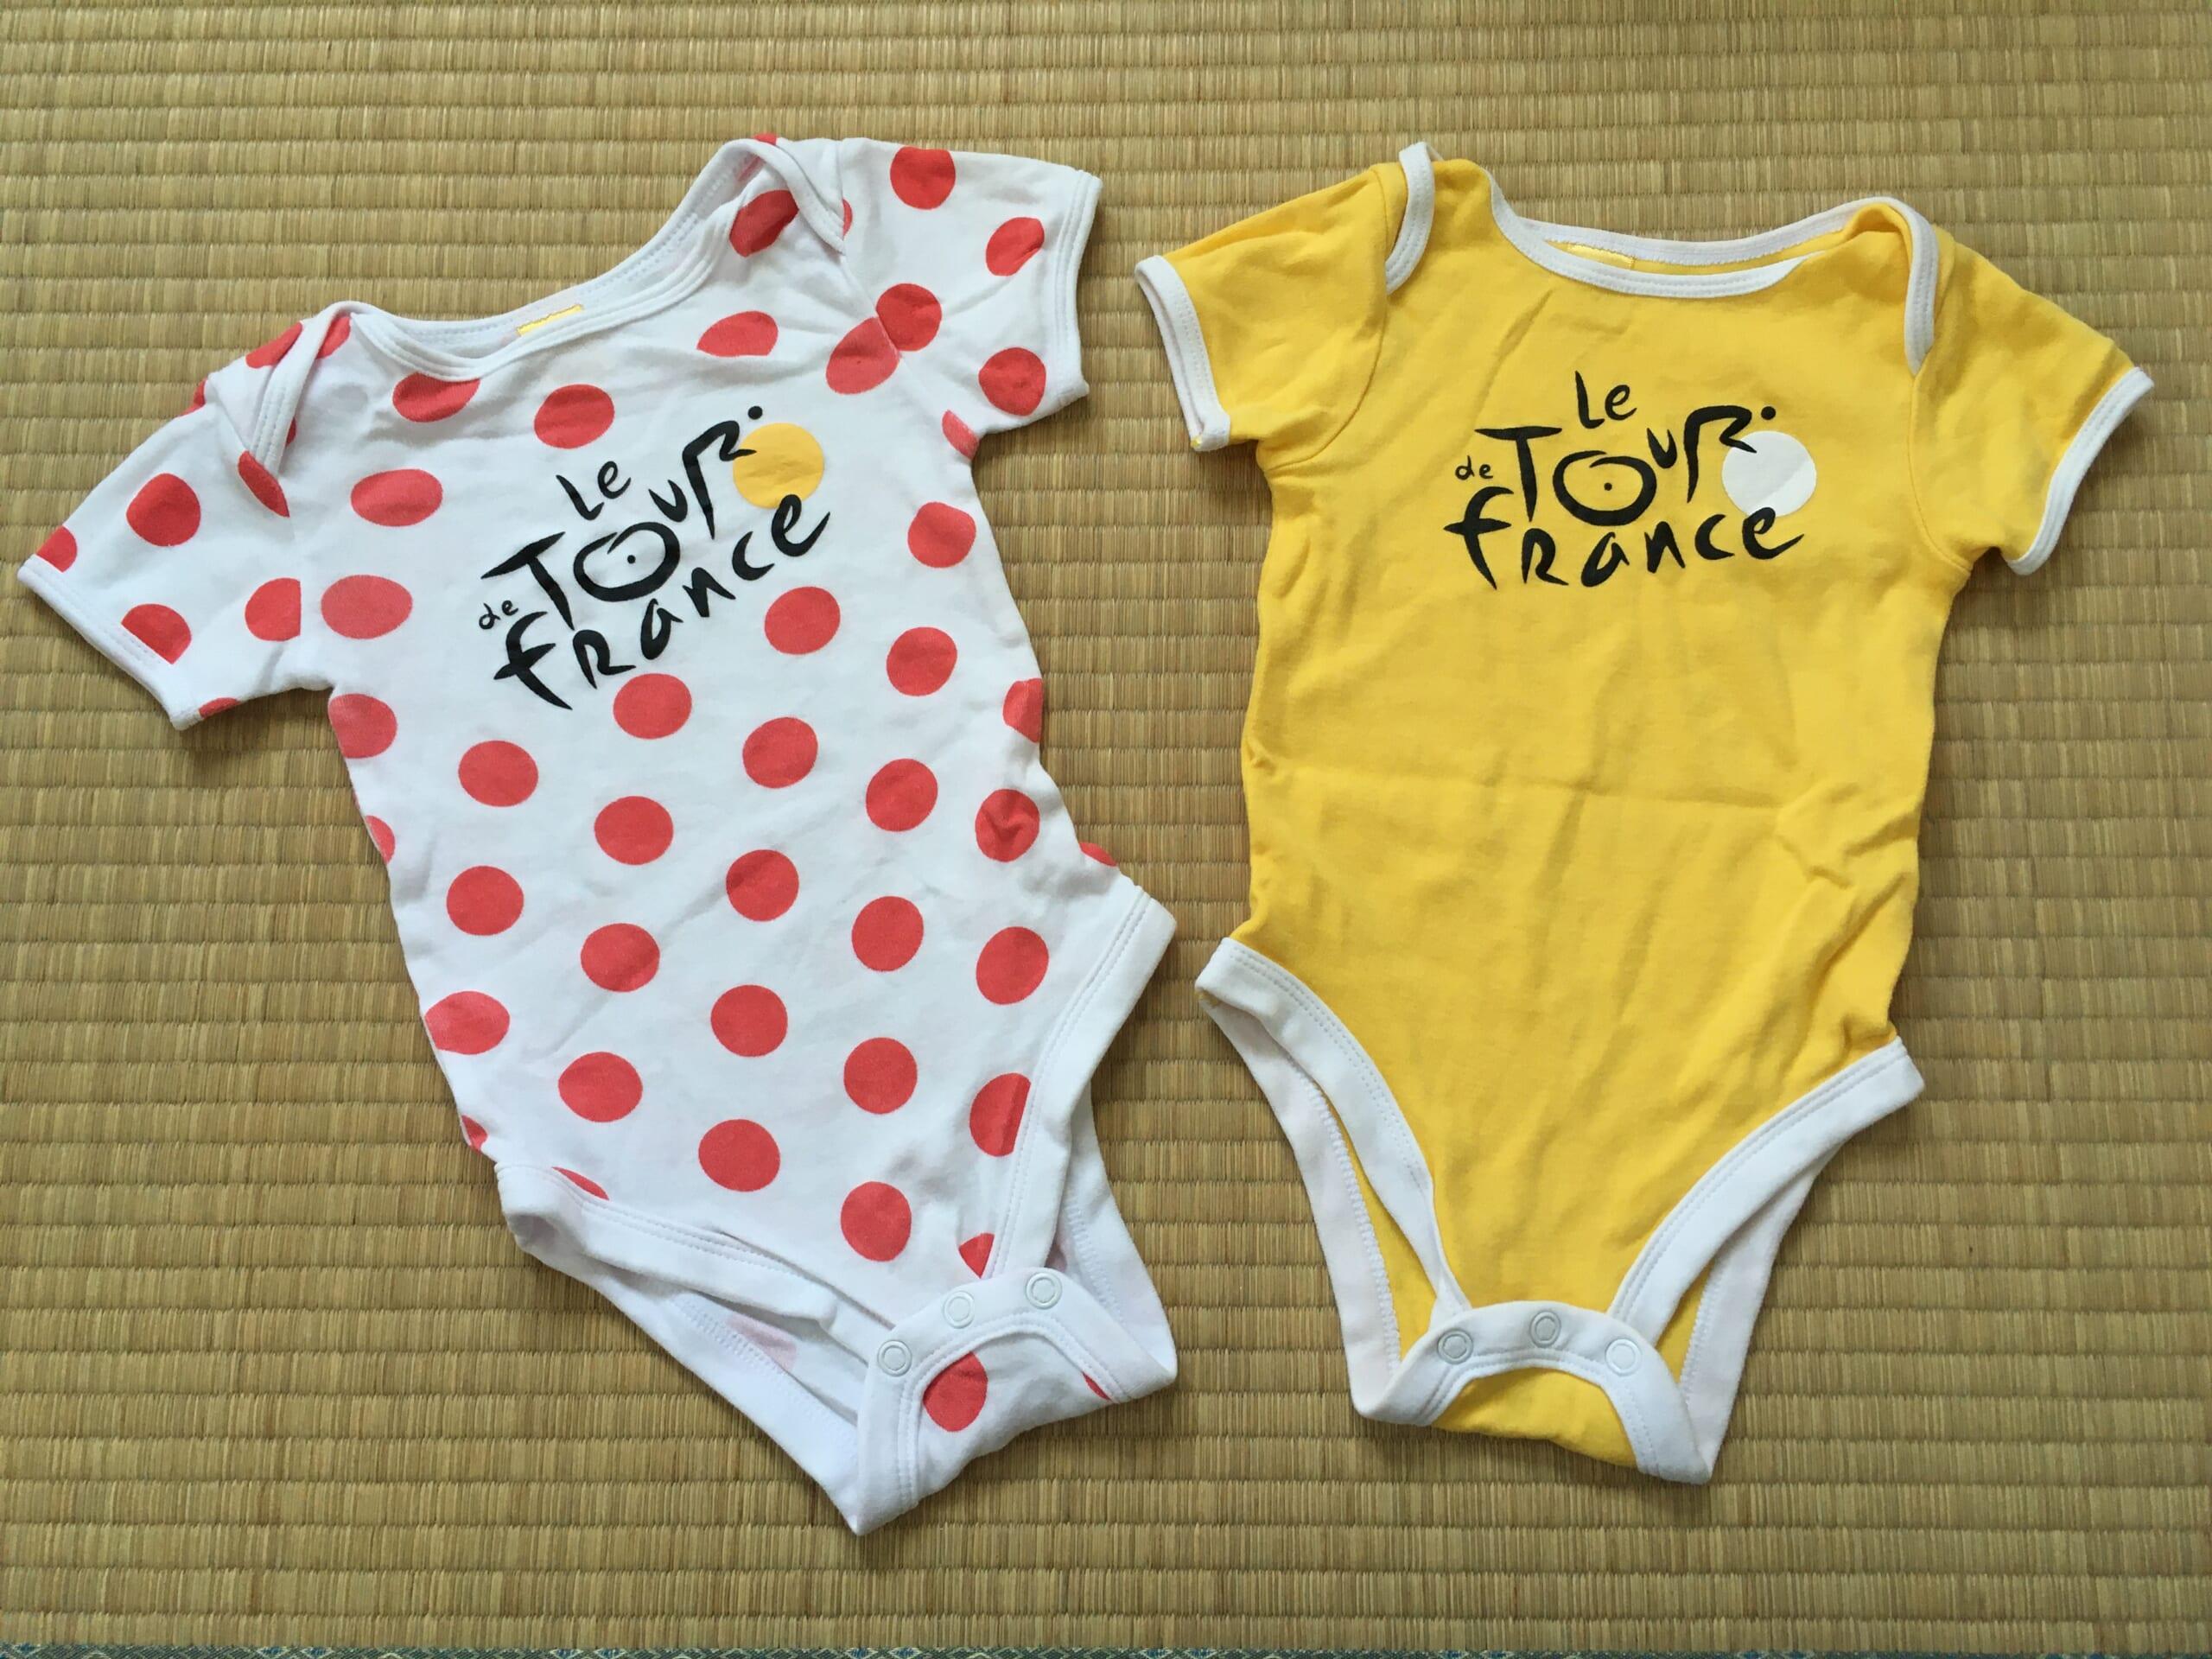 赤ちゃん用肌着 新生児肌着 ツール・ド・フランス